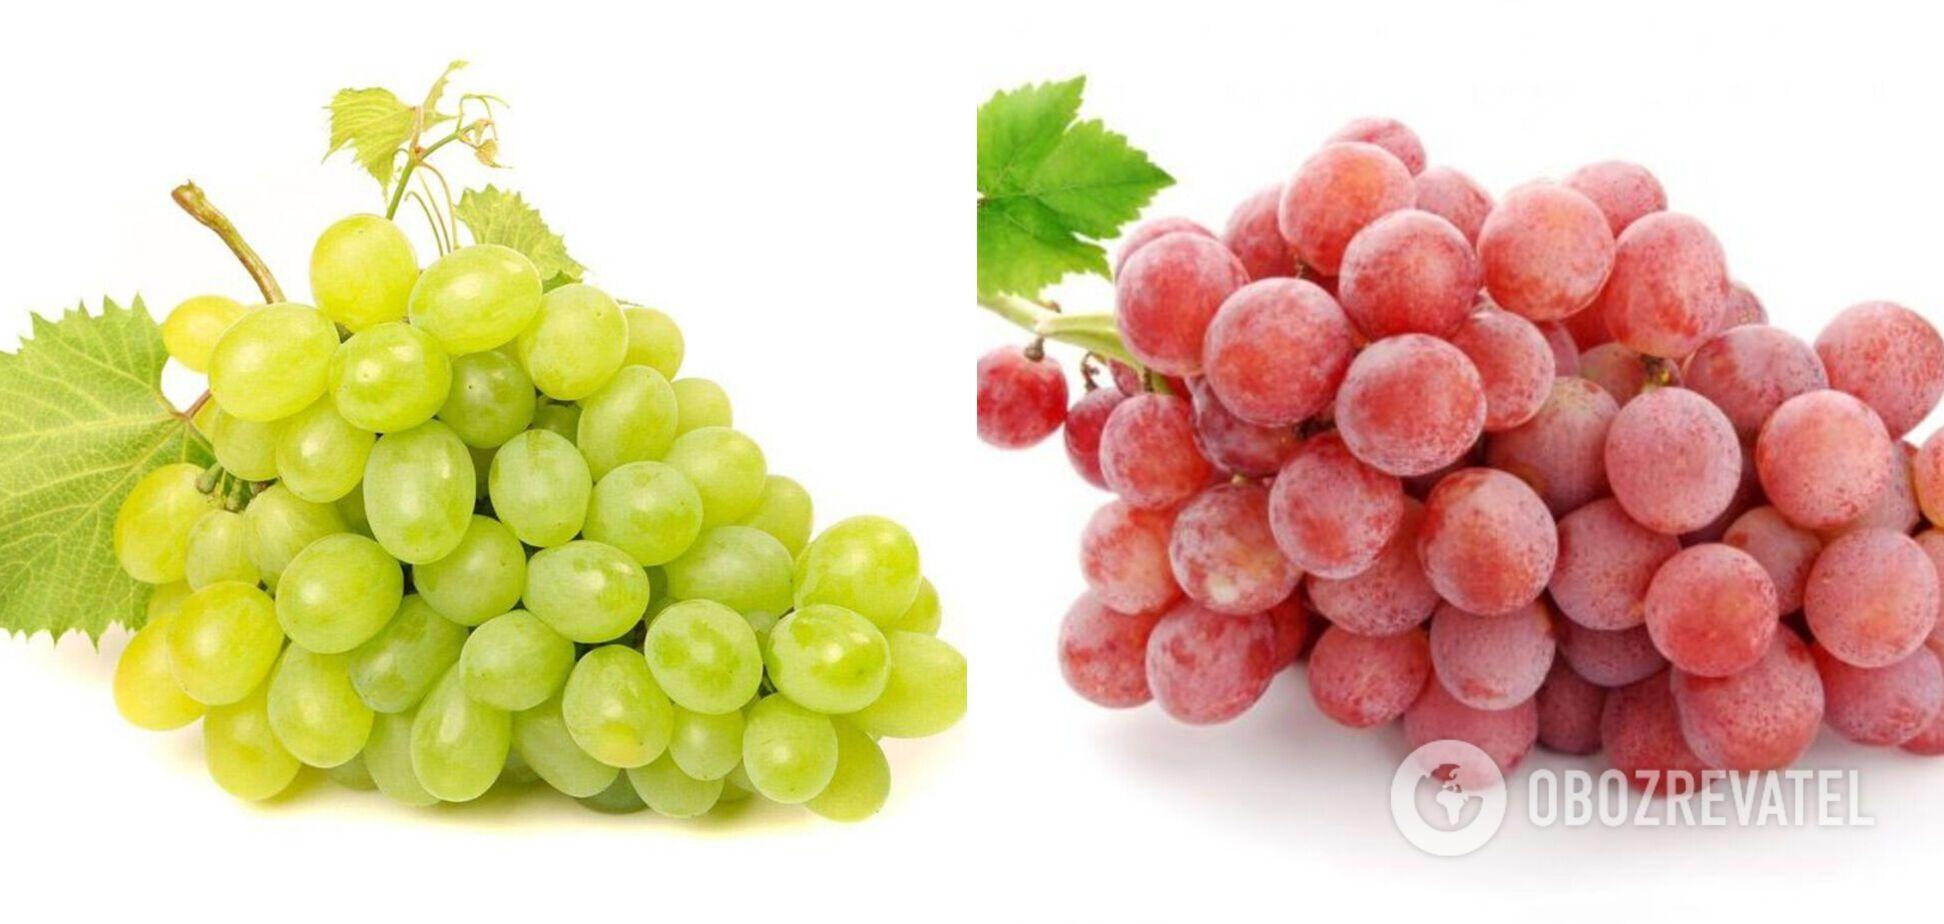 Виноград: какой полезнее – красный или белый